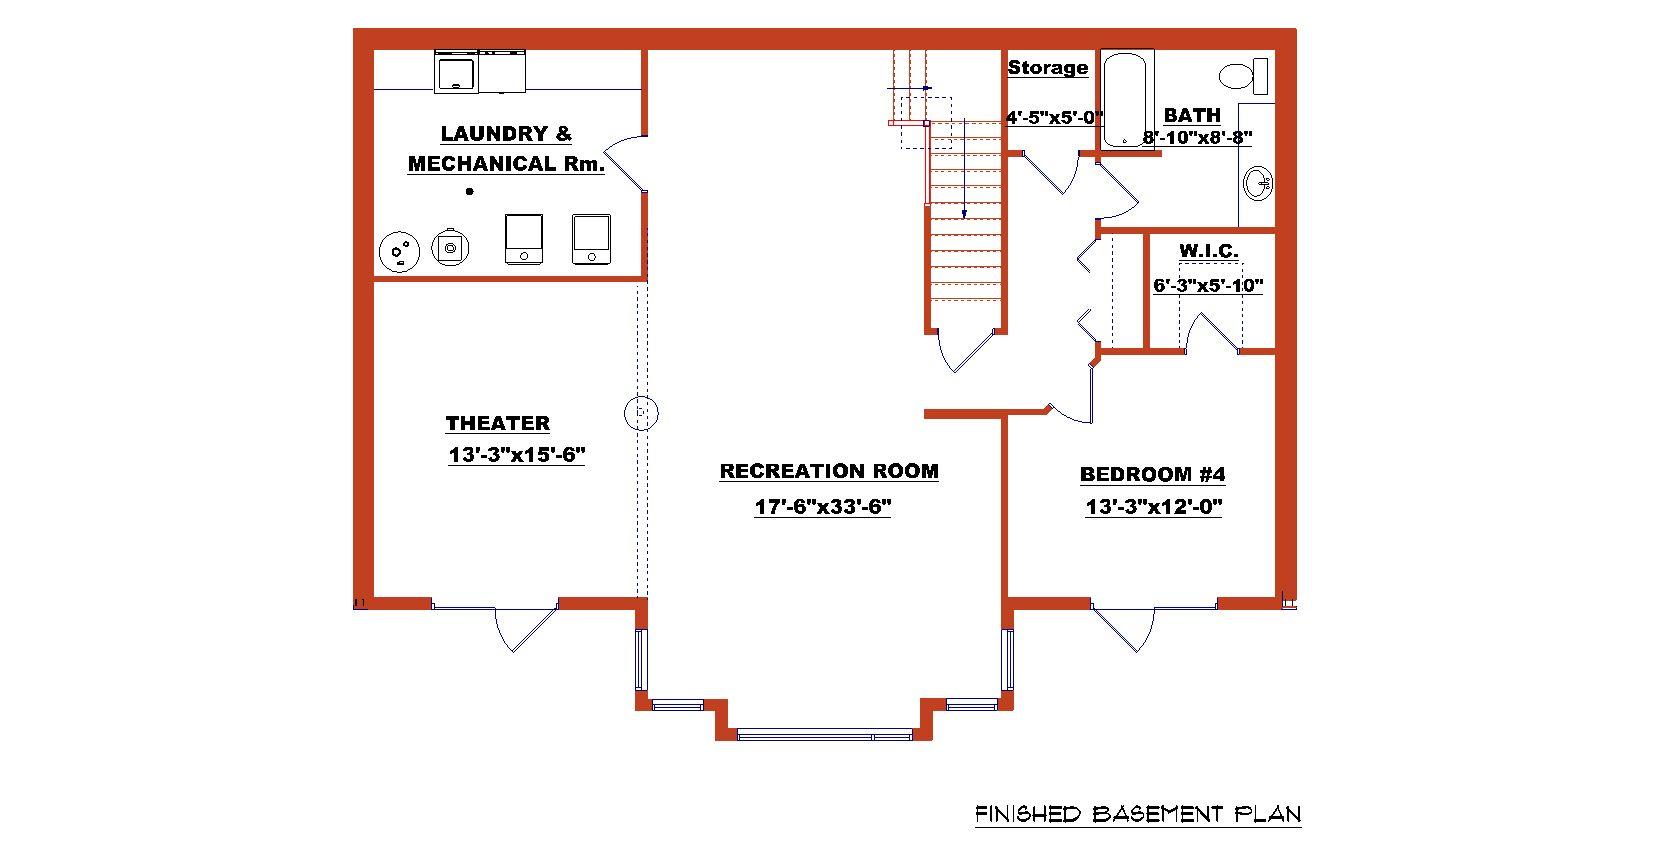 Finished Basement Plan Jpg 1659 853 Basement Remodeling Plans